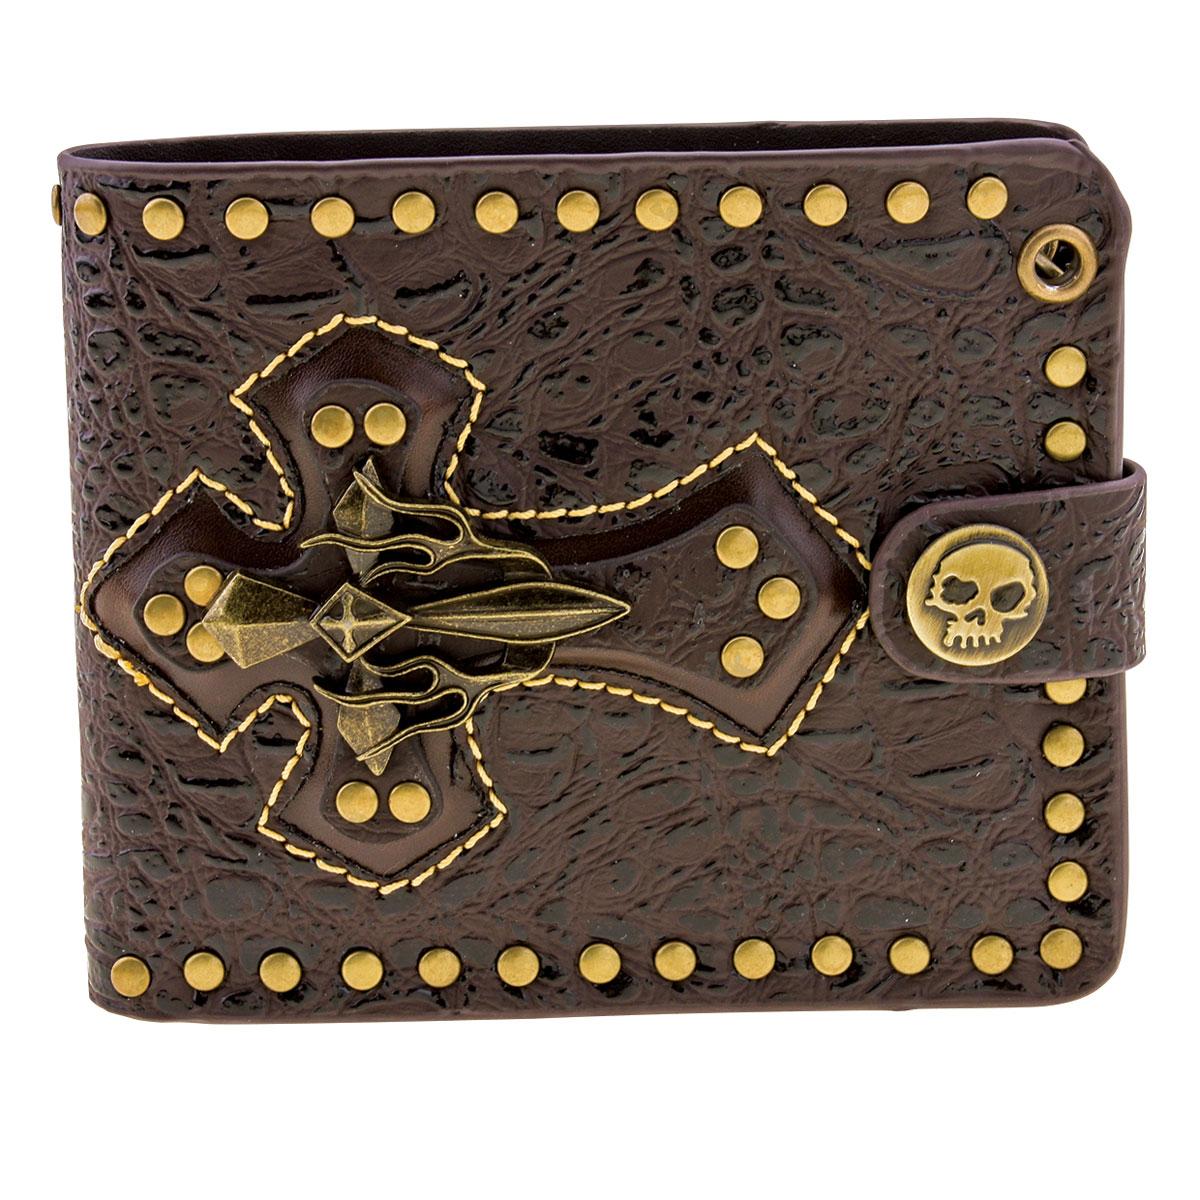 AMiGAZ Brown Cross Bi-Fold Leather Wallet